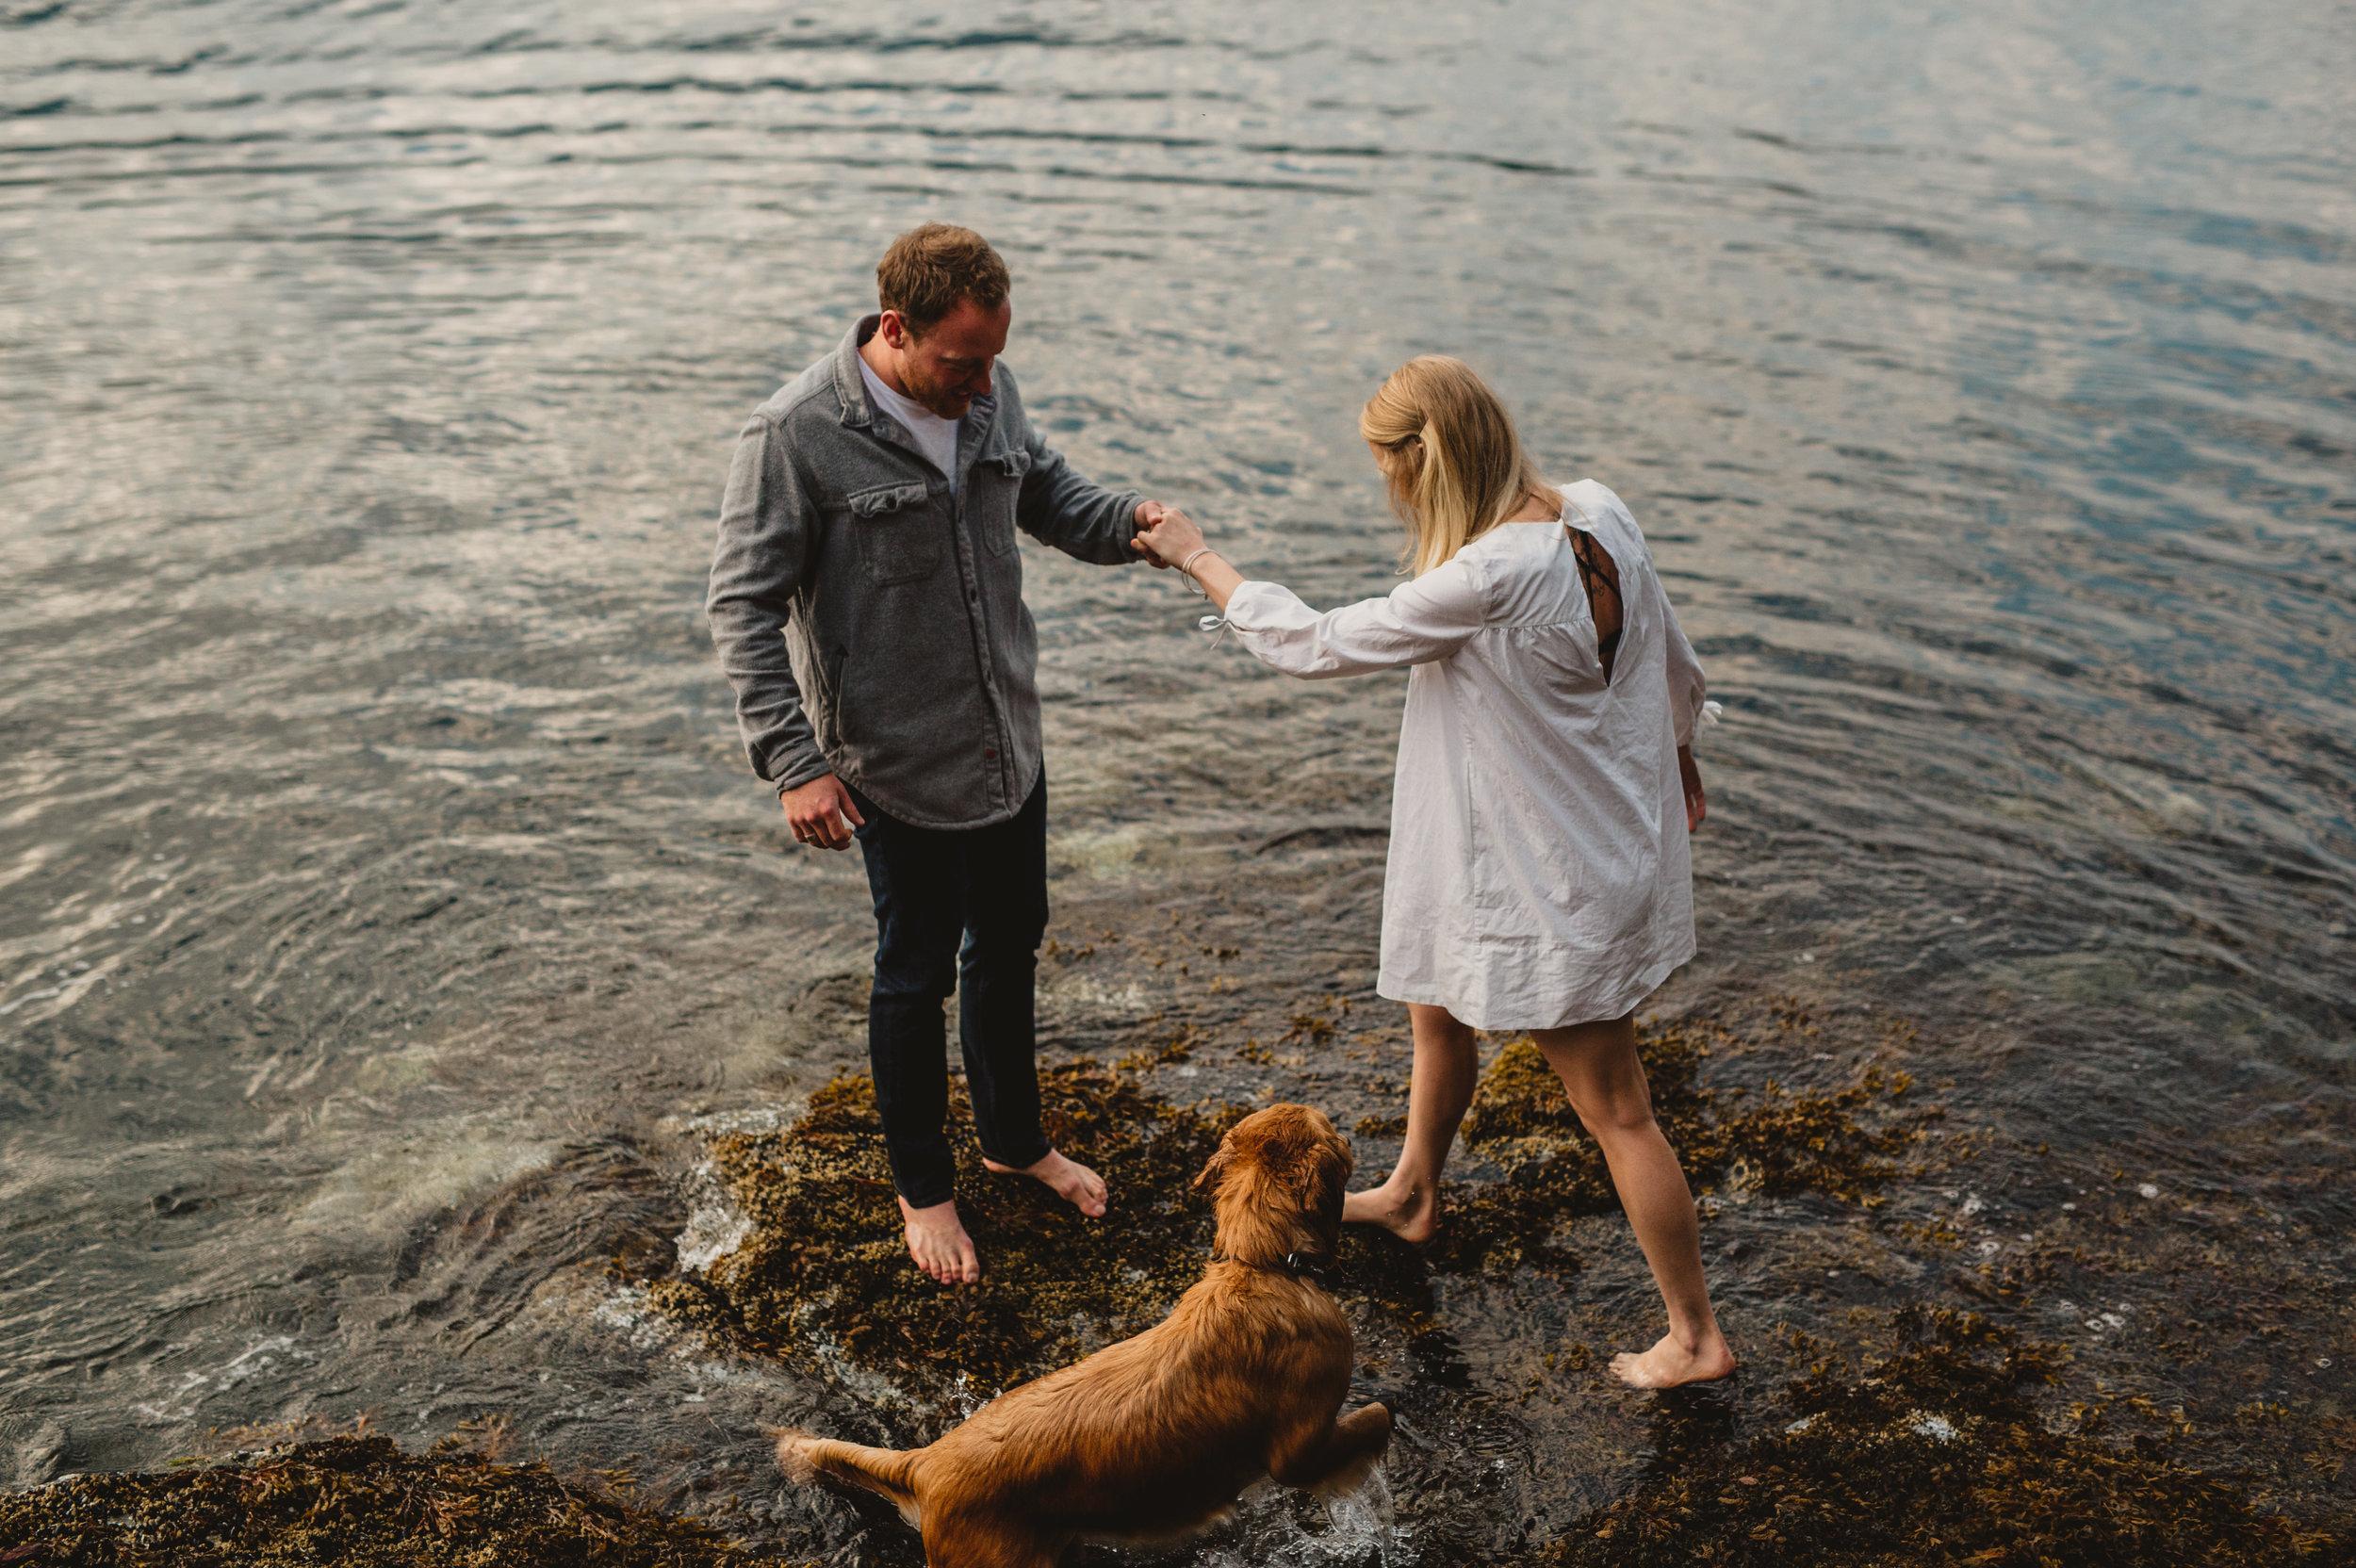 Keats Island Engagement Photos - Sunshine Coast Engagement Photos - Sunshine Coast Wedding Photographer - Vancovuer Wedding Photographer - Jennifer Picard Photography - IMG_0527.jpg